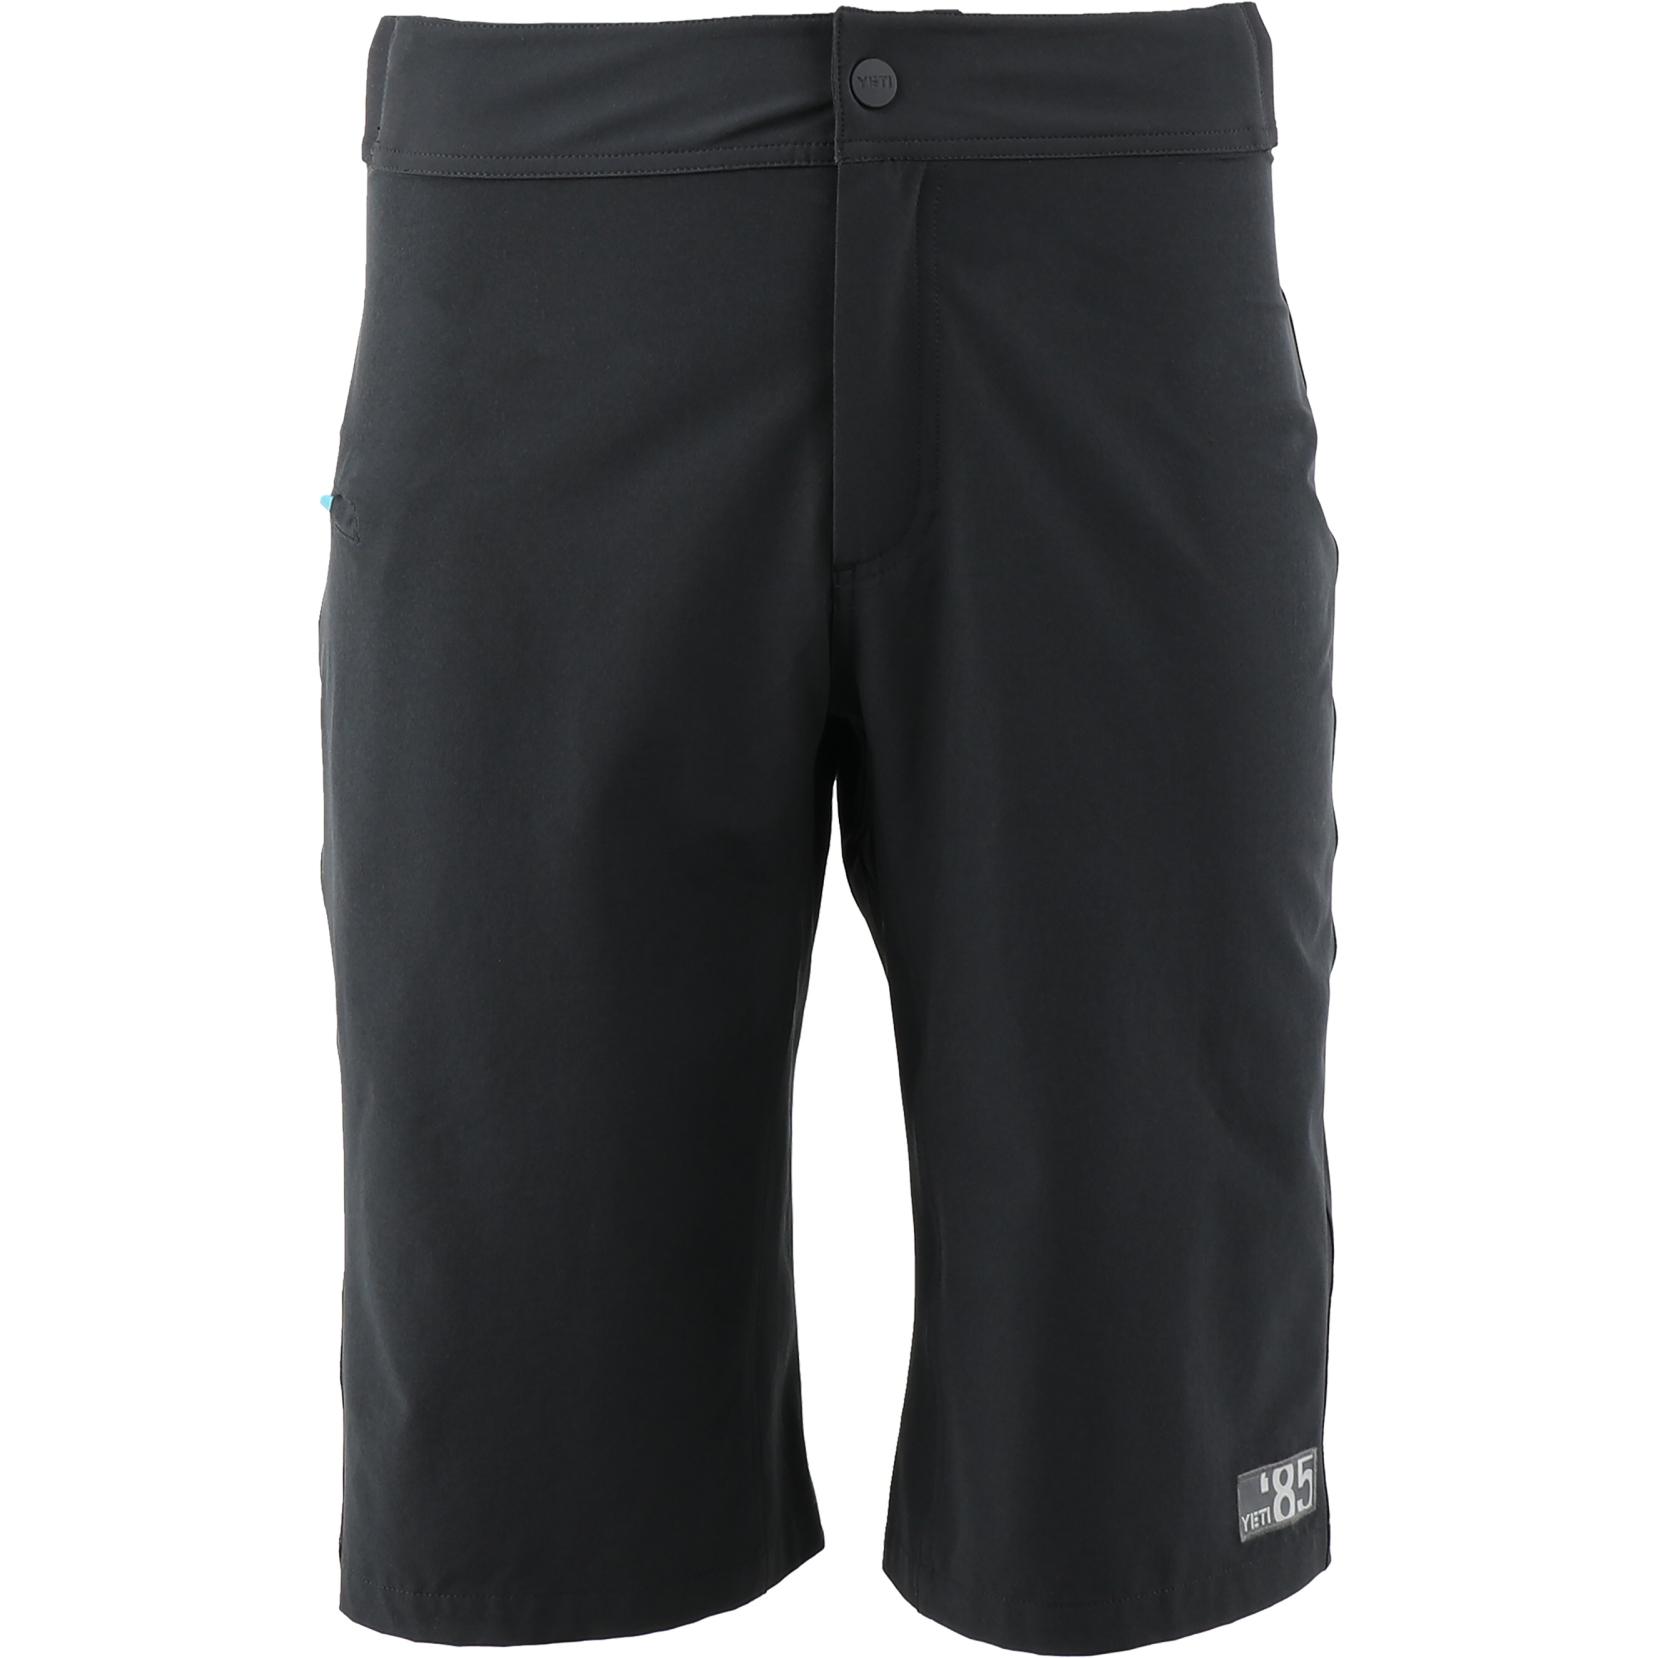 Yeti Cycles Rustler Shorts - Black